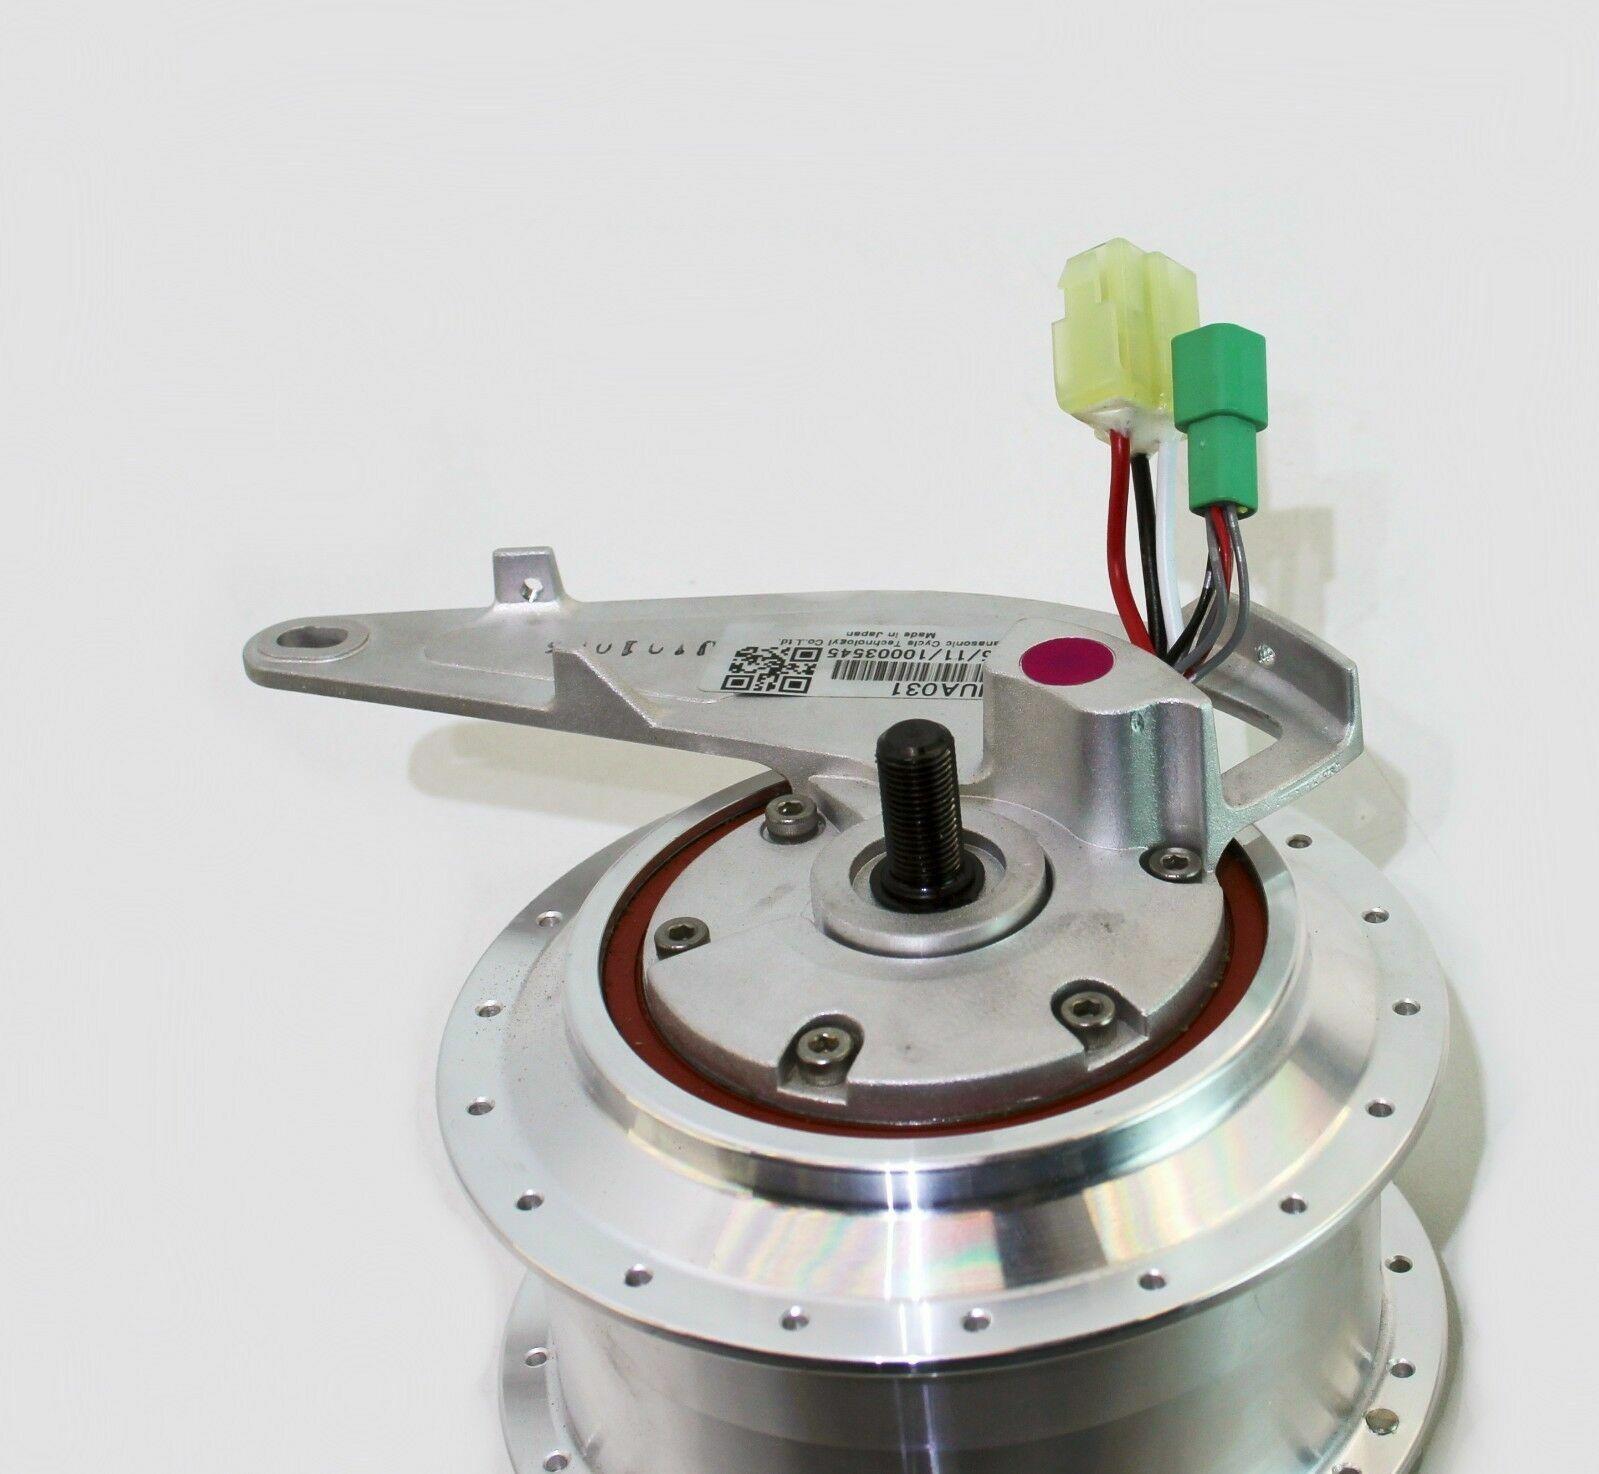 Relajación, motor delantero de Bicicleta eléctrica, nua331, 36 agujeros, nua331, ancho de instalación  100 mm, nuevo